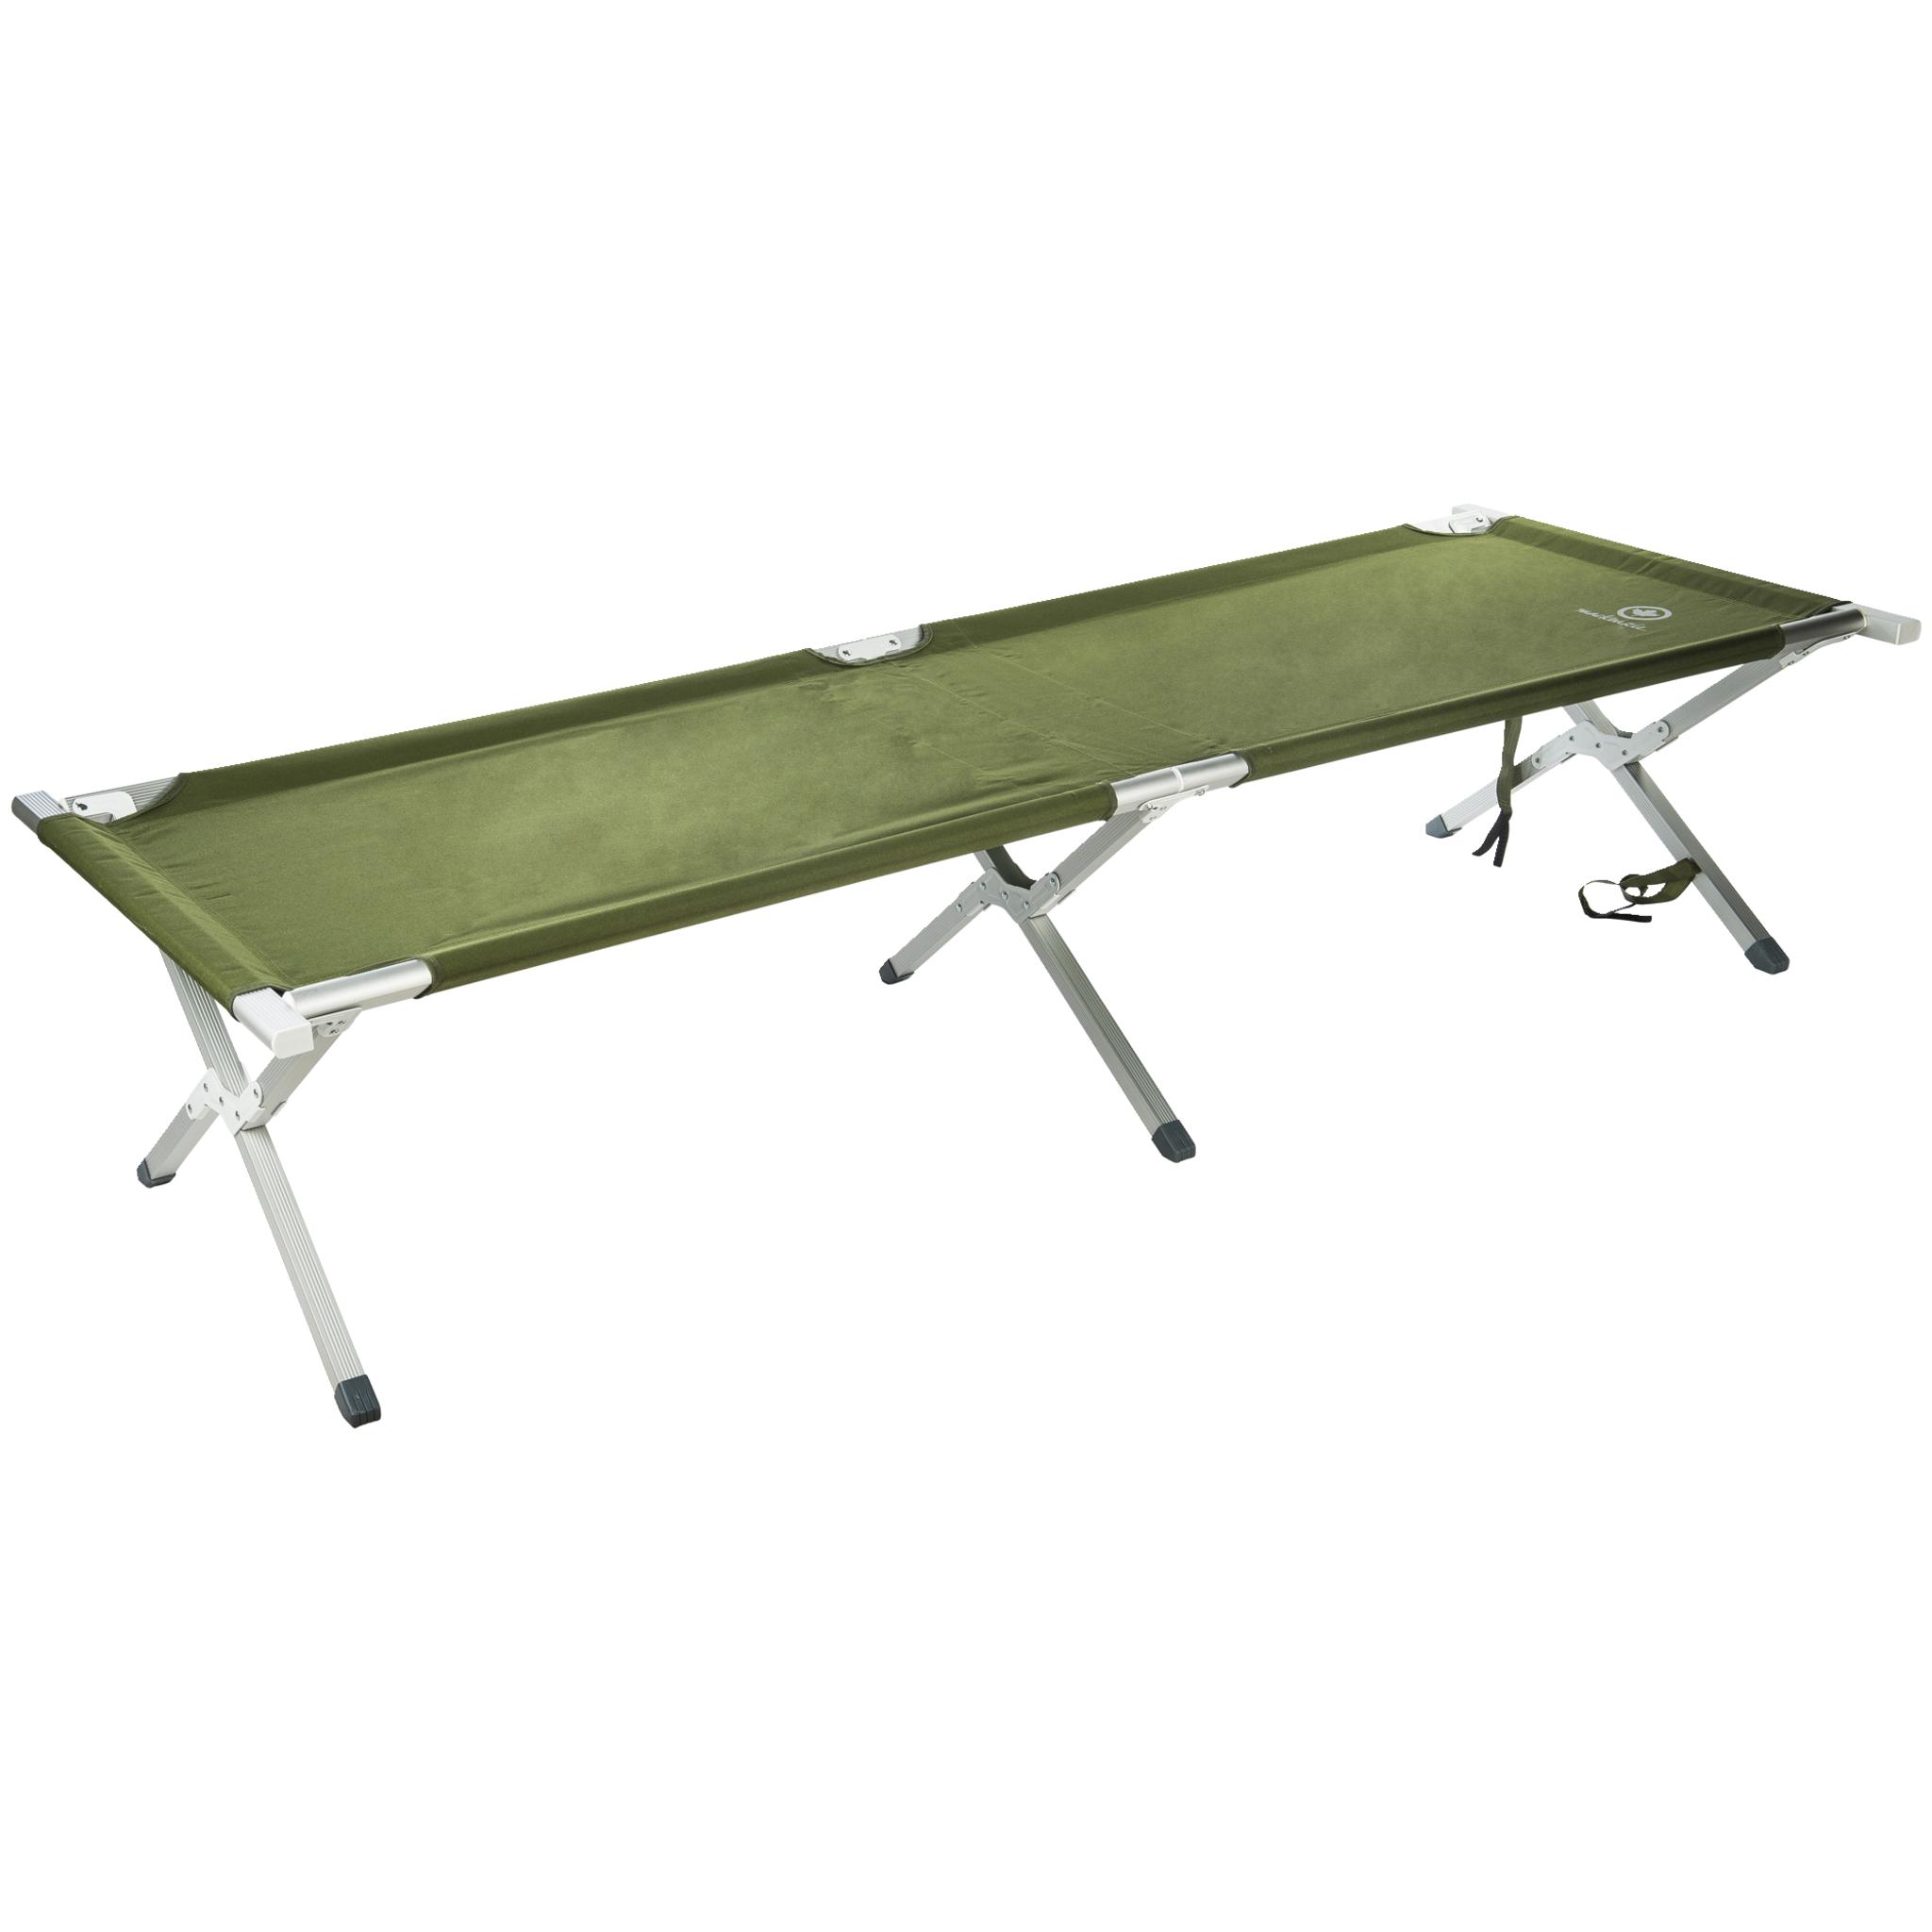 Mackenzie Aluminium Camping Bed, feltseng